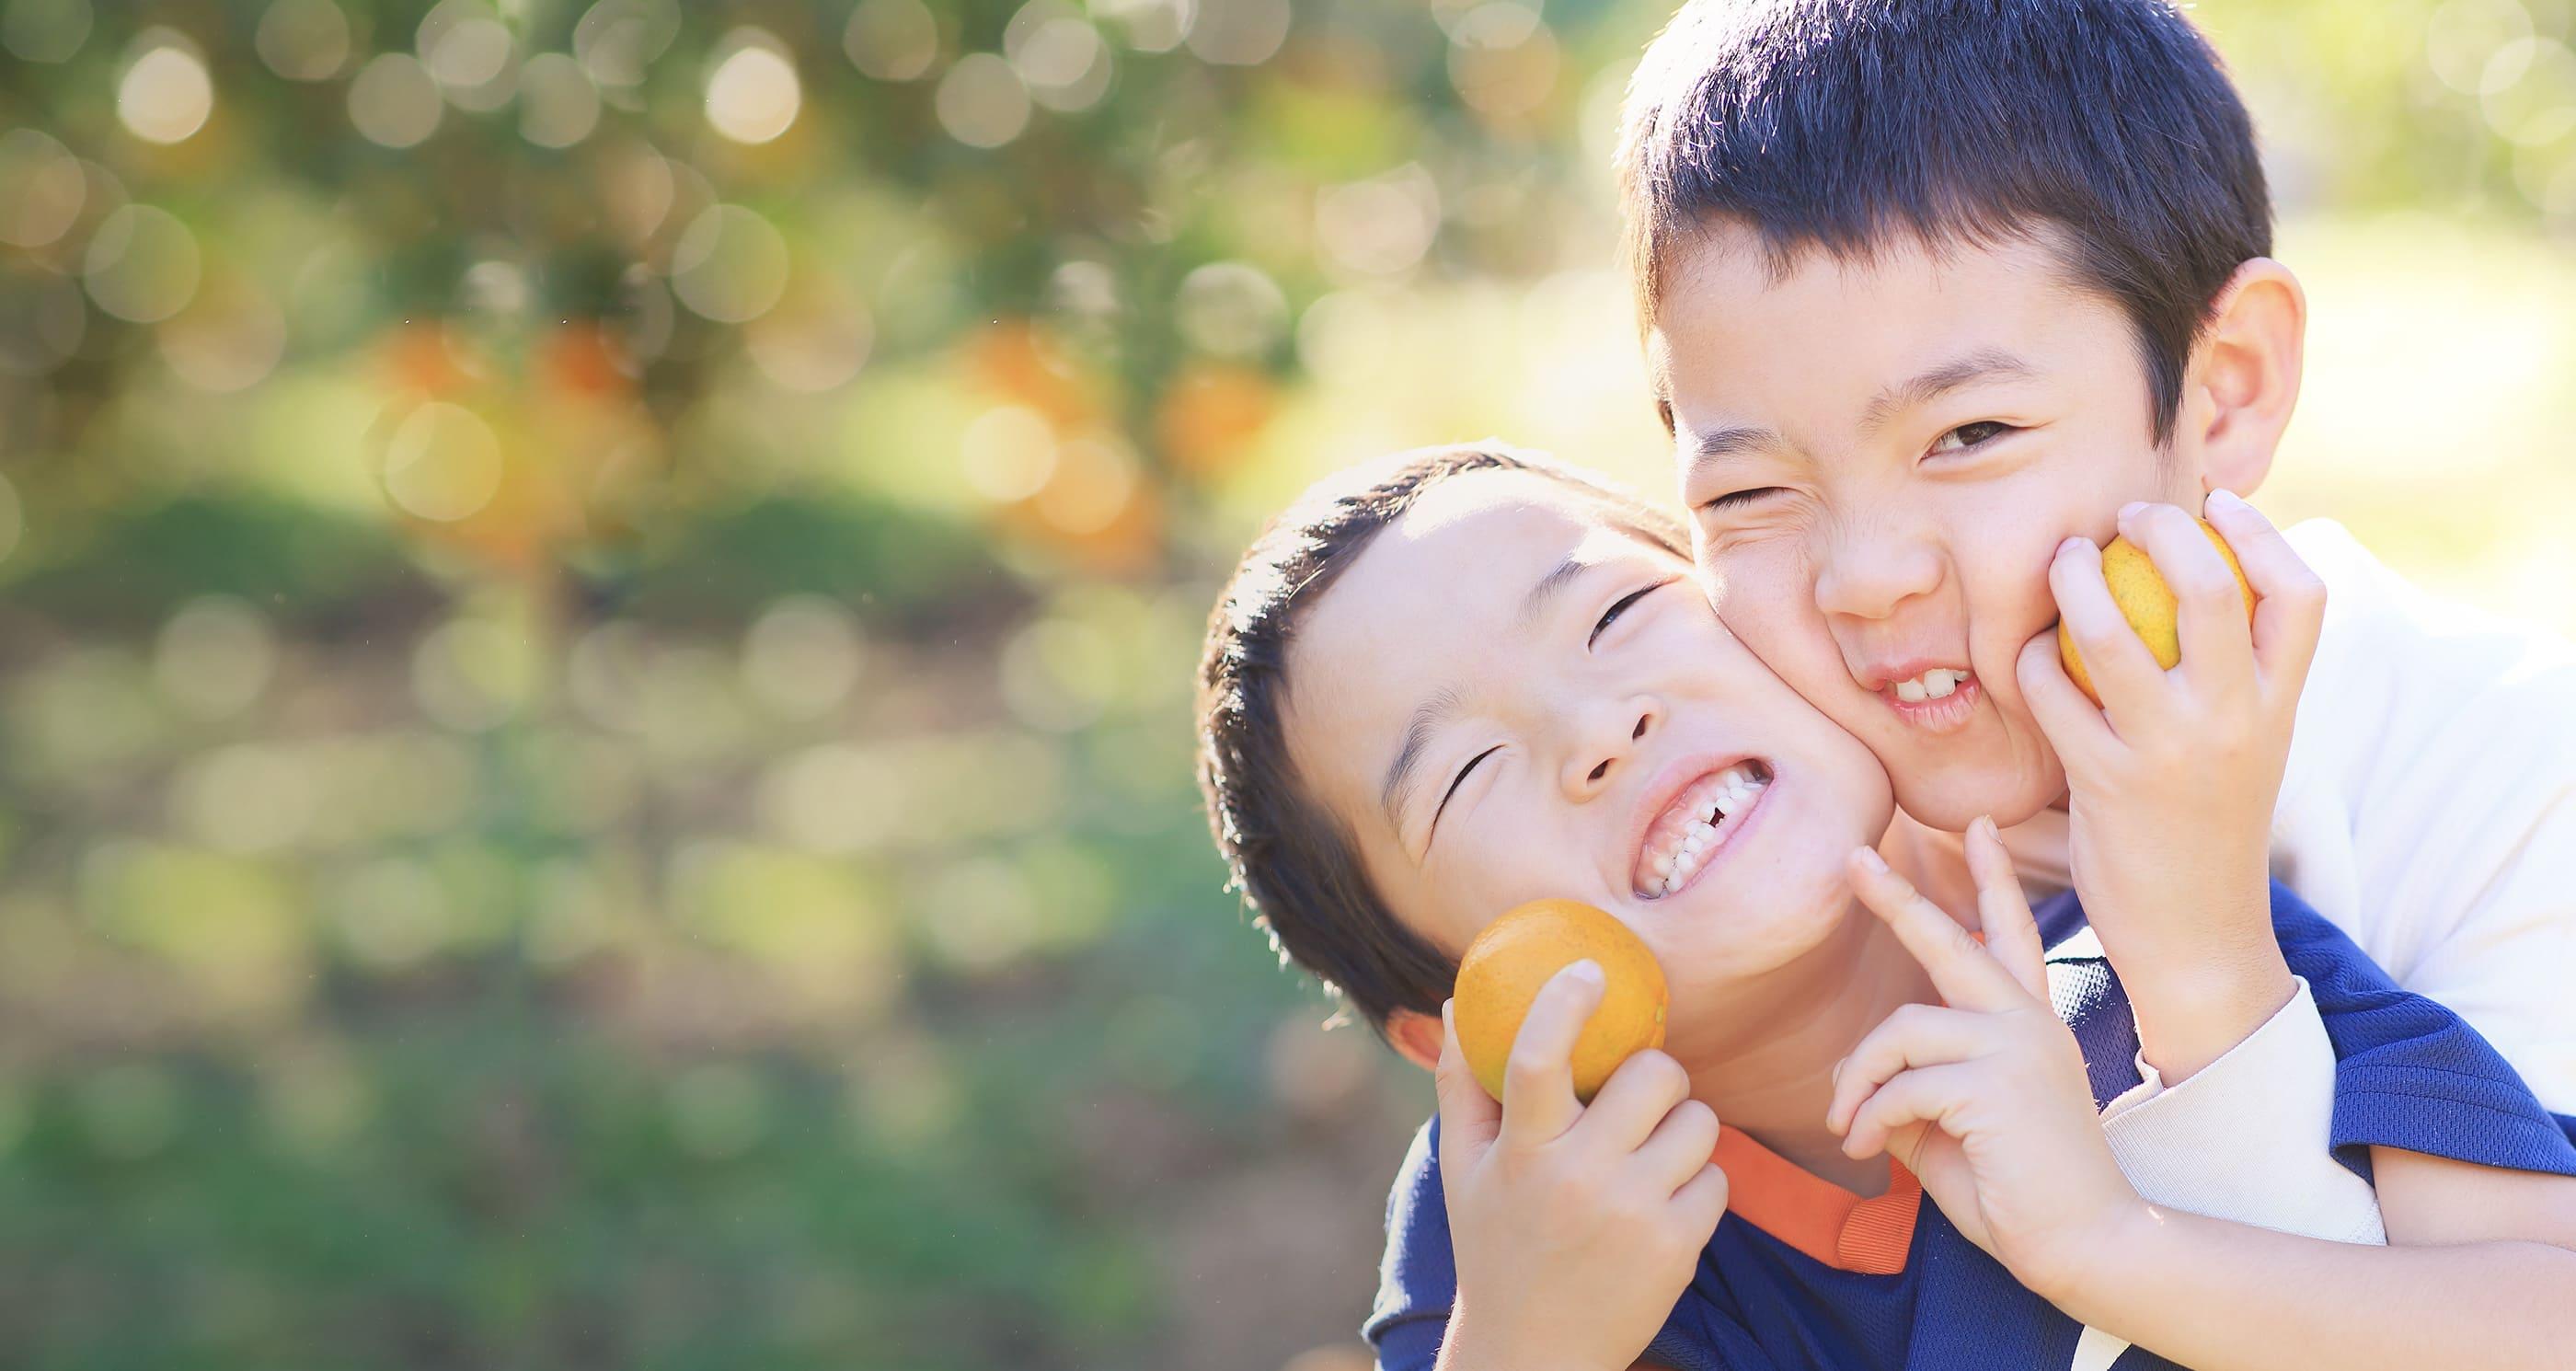 医療法人天白会 キャナルコート歯科クリニック メインビジュアル1